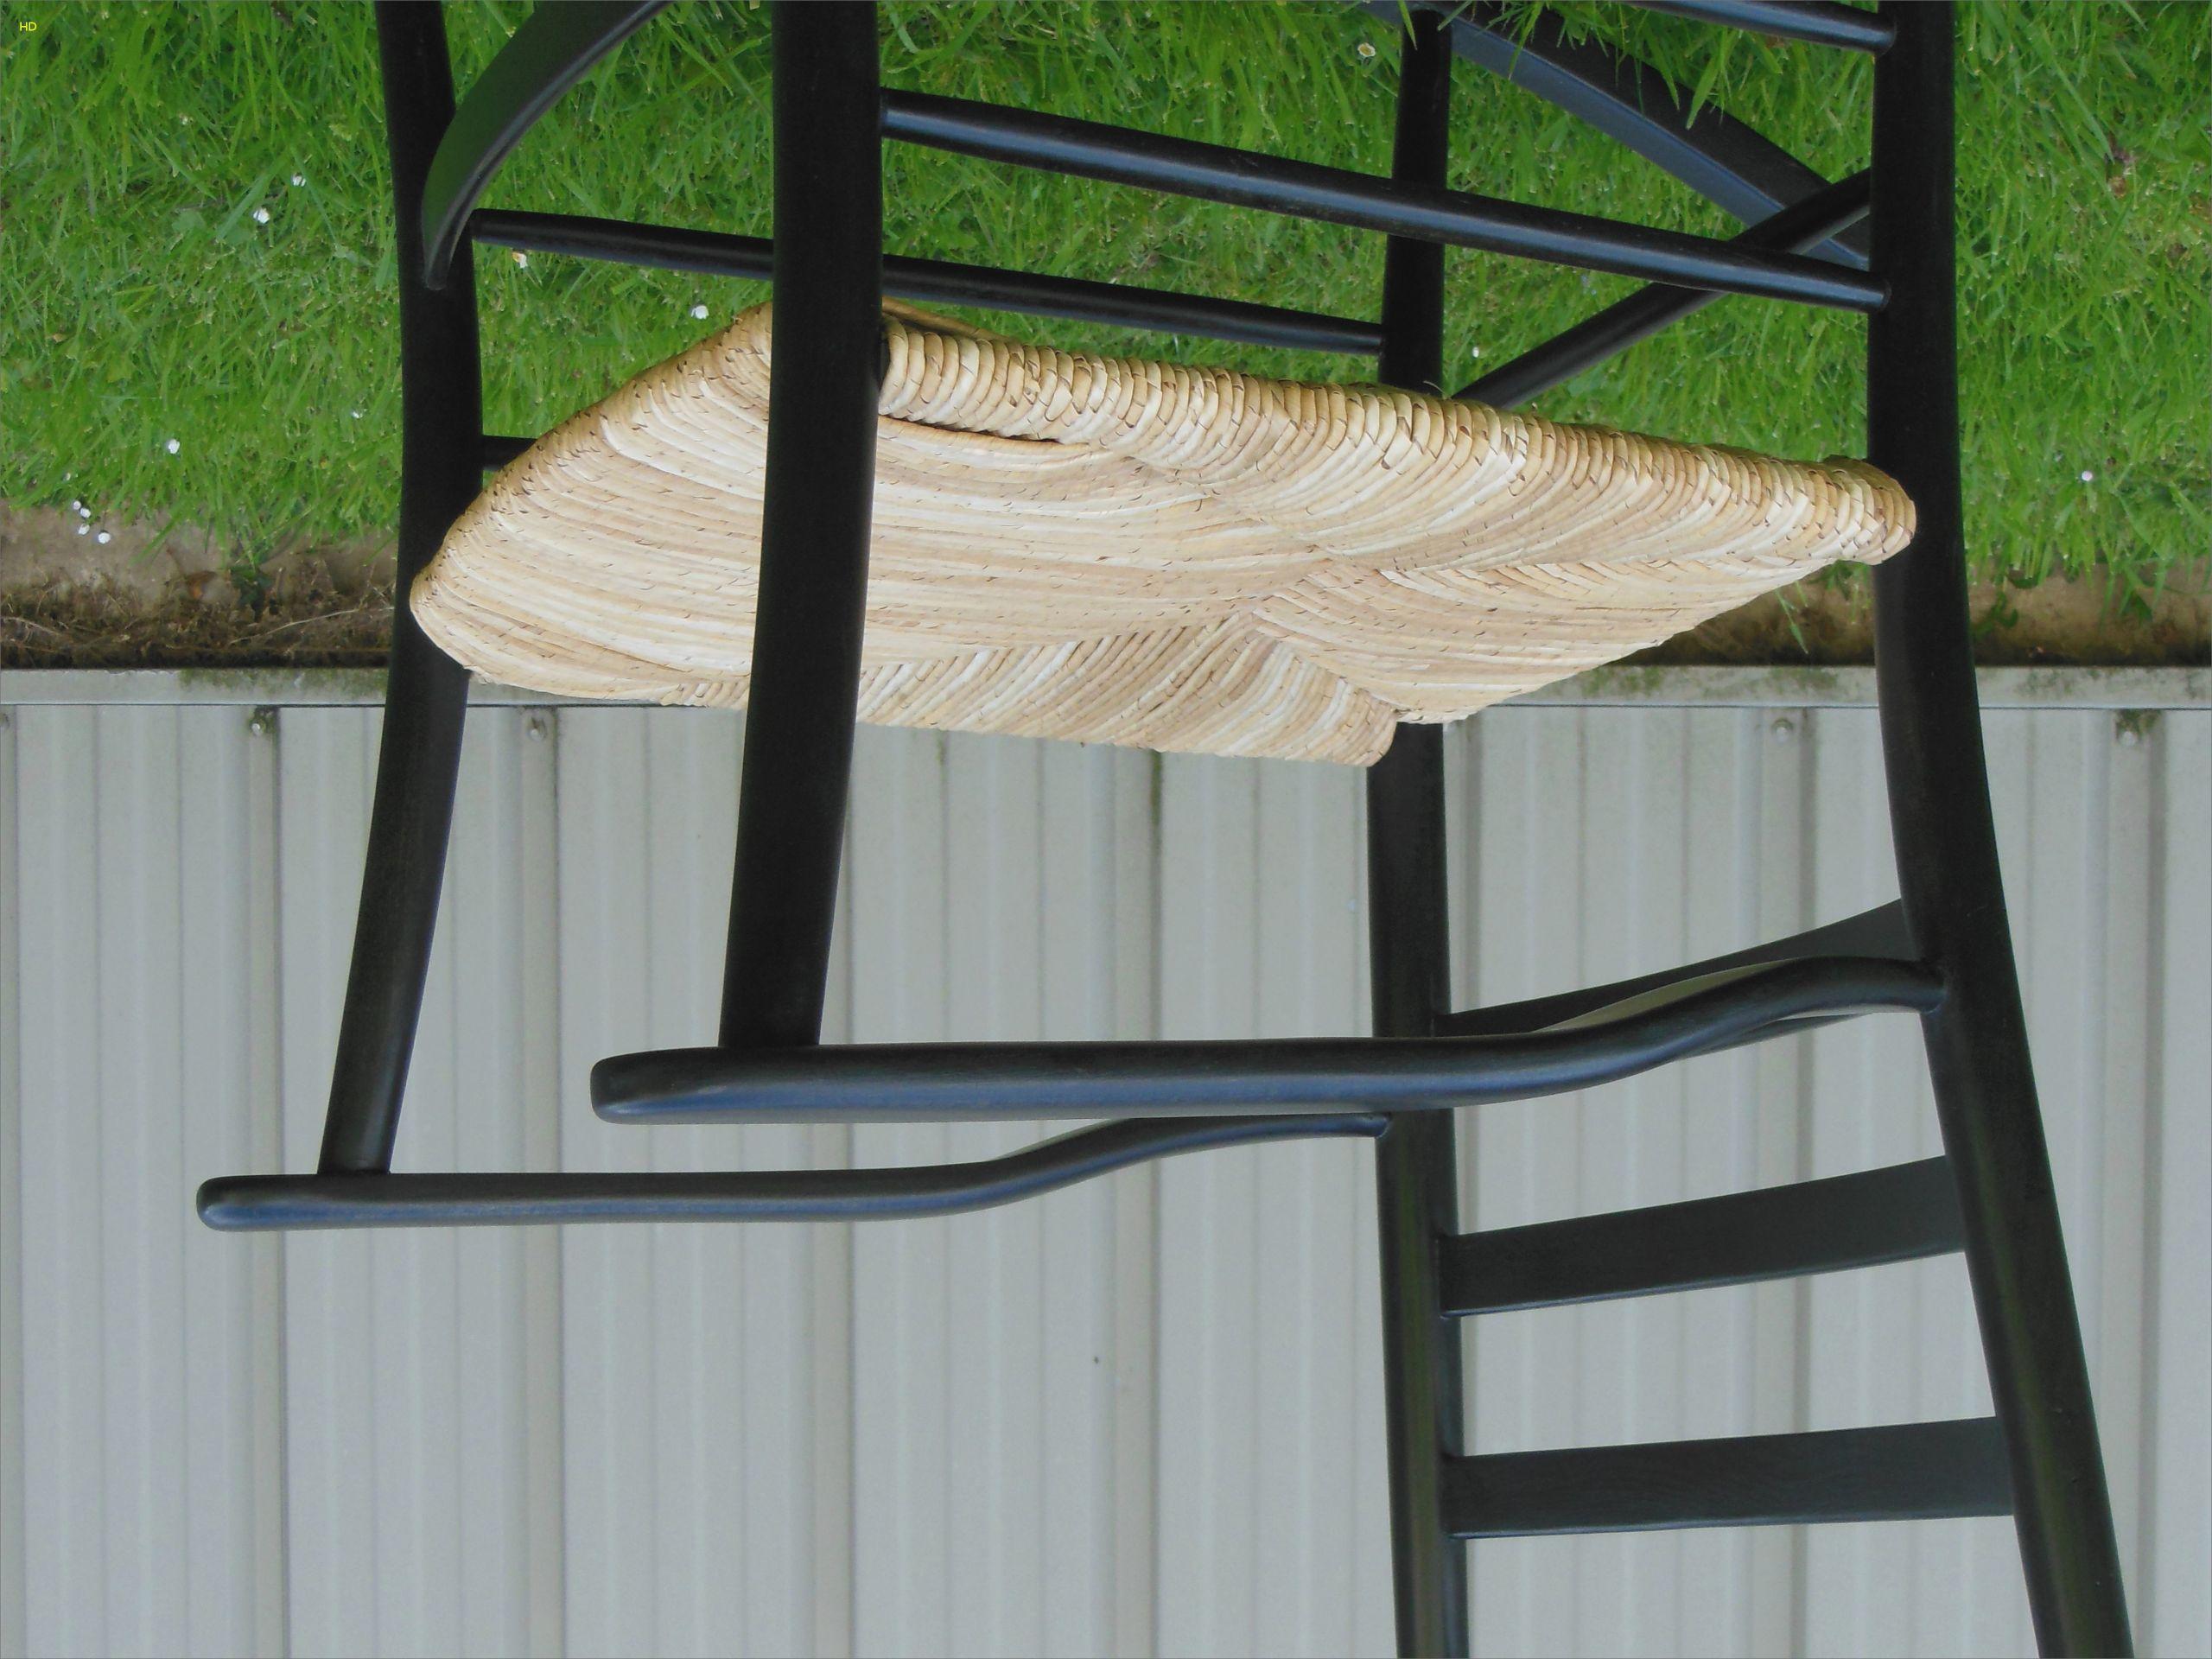 castorama meuble de jardin impressionnant meuble de jardin castorama jardin and piscine of castorama meuble de jardin